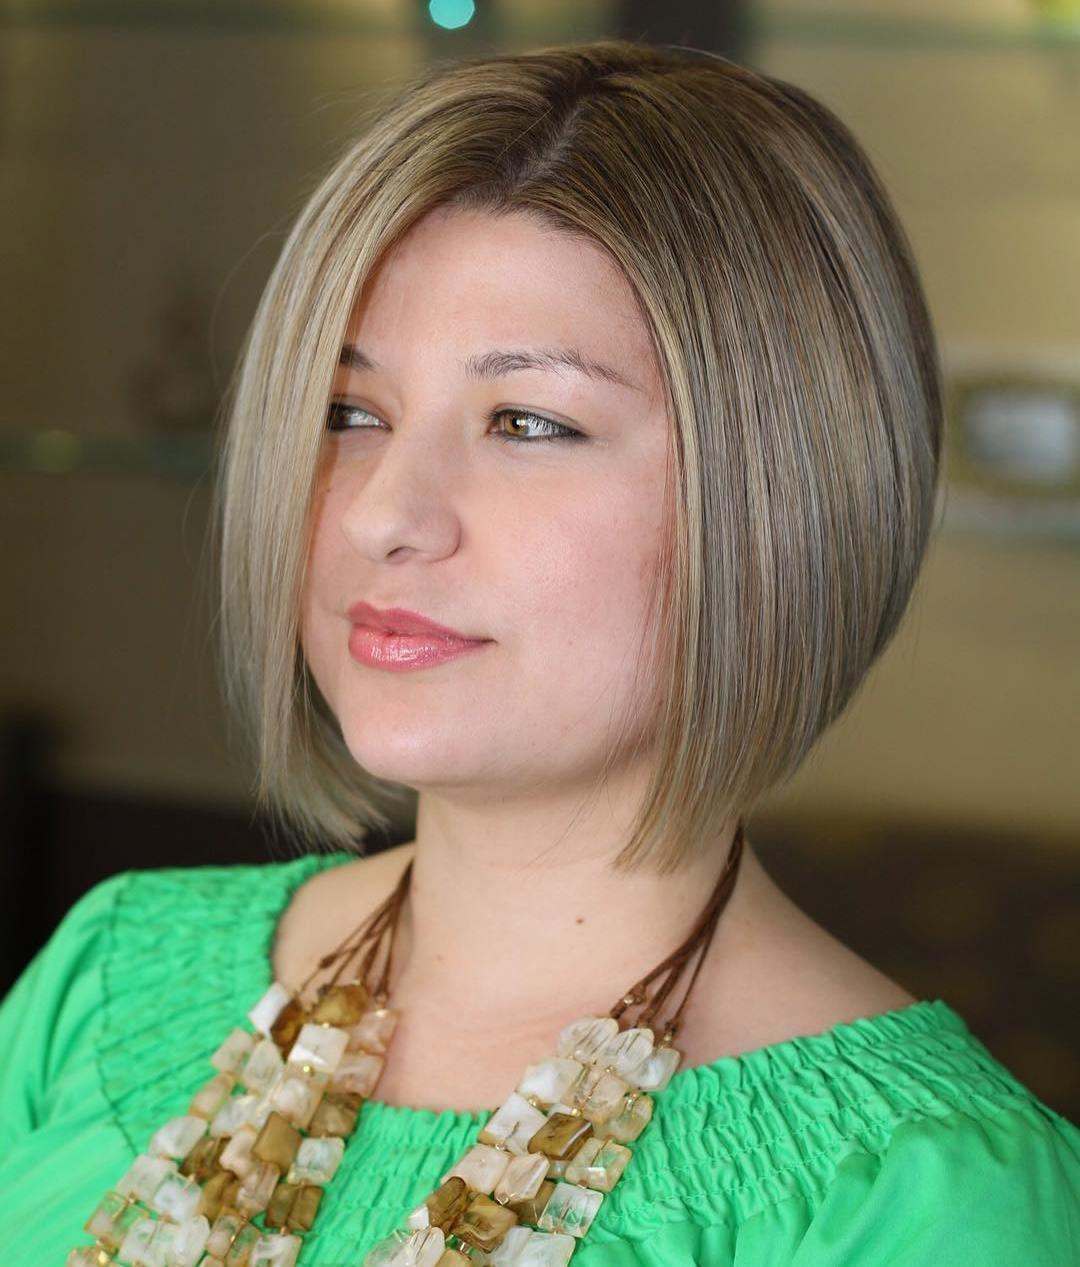 Прическа для тонких редких волос фото